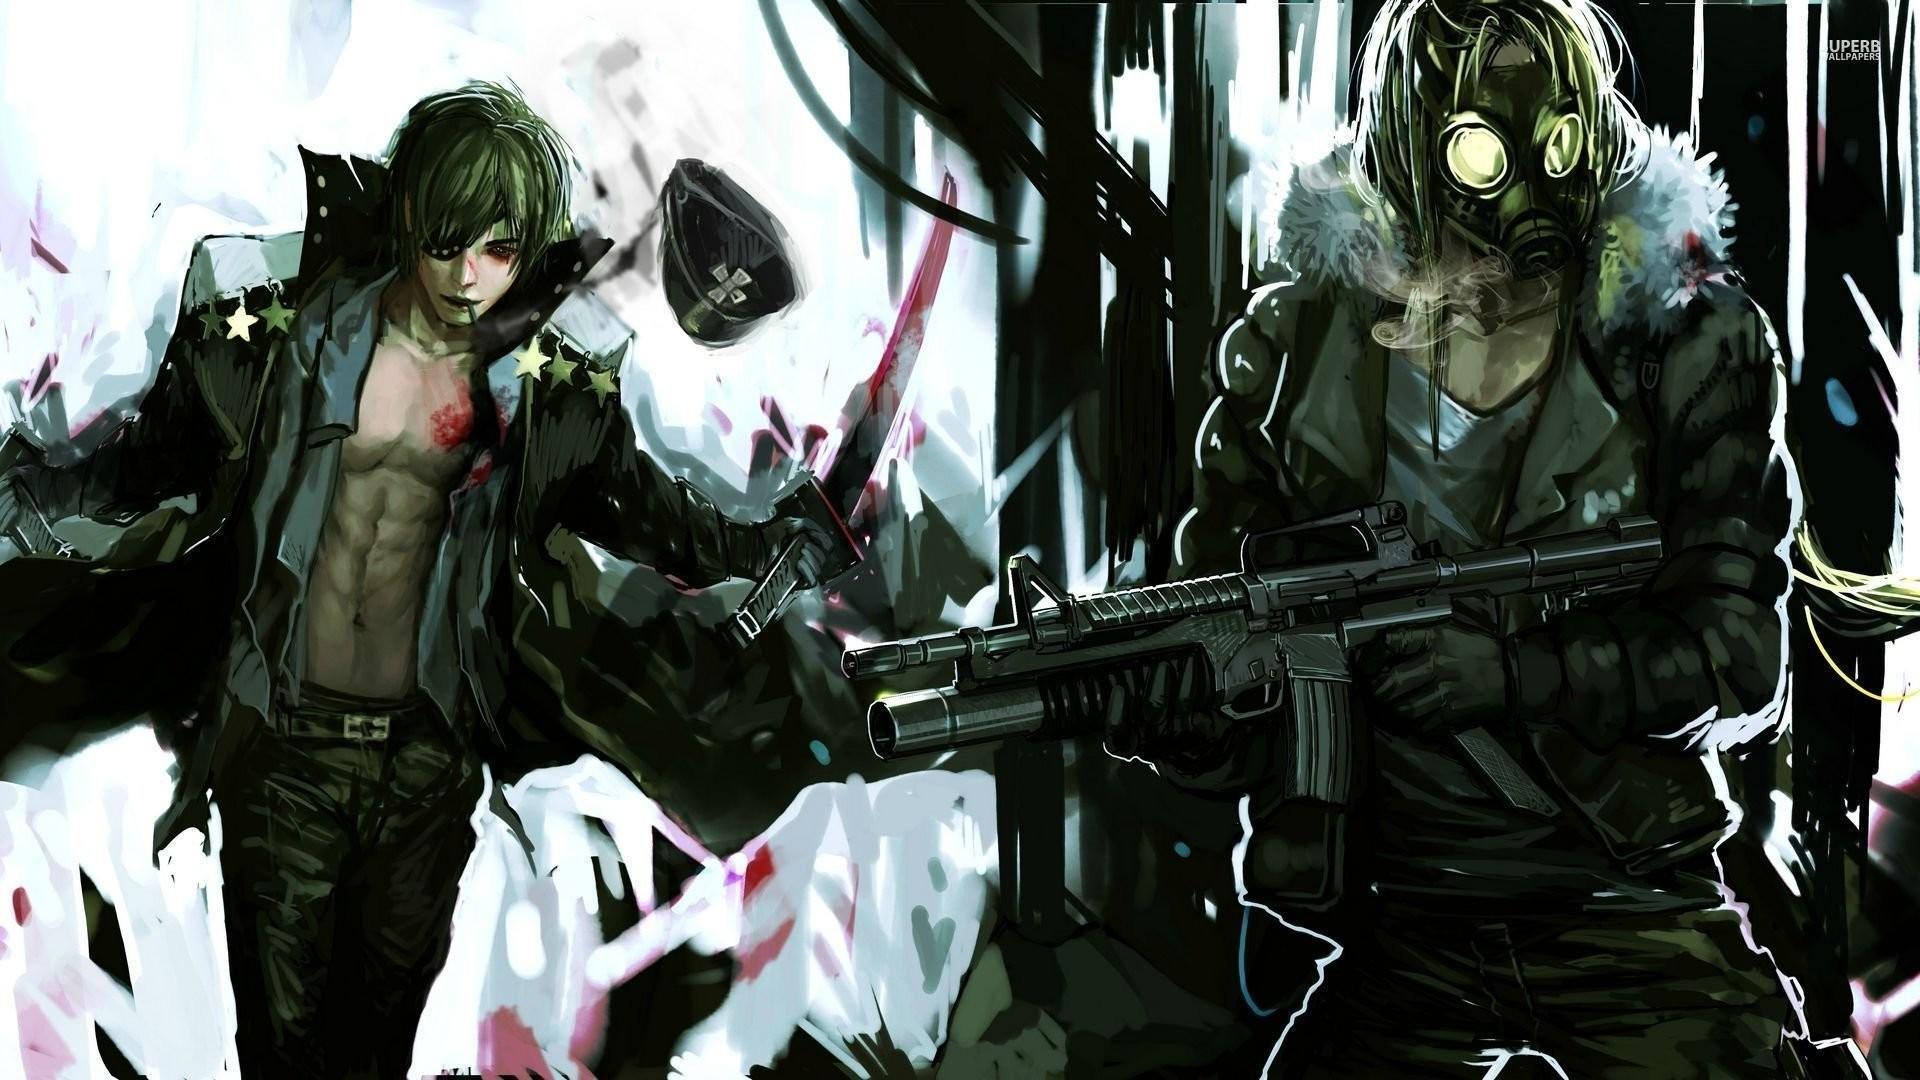 Anime gun wallpaper 61 images - Anime guy wallpaper ...